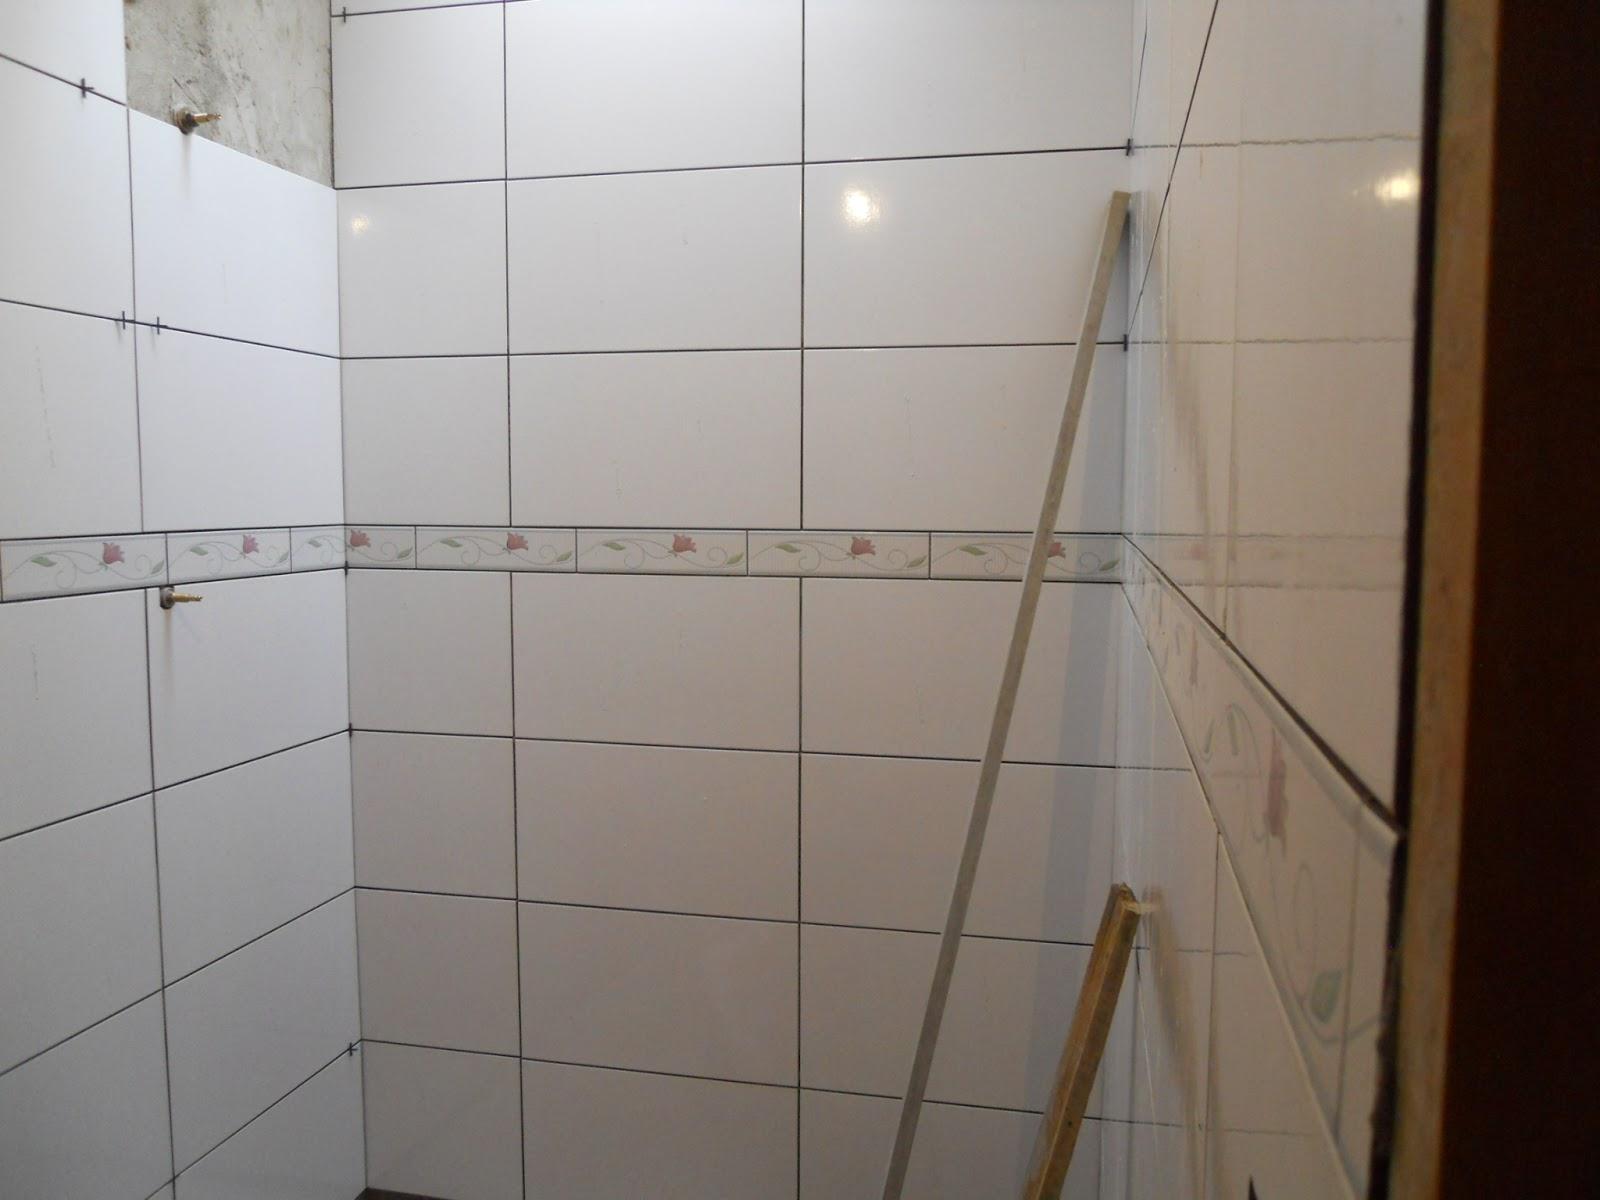 COTIZADOS: BANHEIRO COZINHA REVESTIMENTO #211008 1600x1200 Banheiro Com Revestimento De Vidro